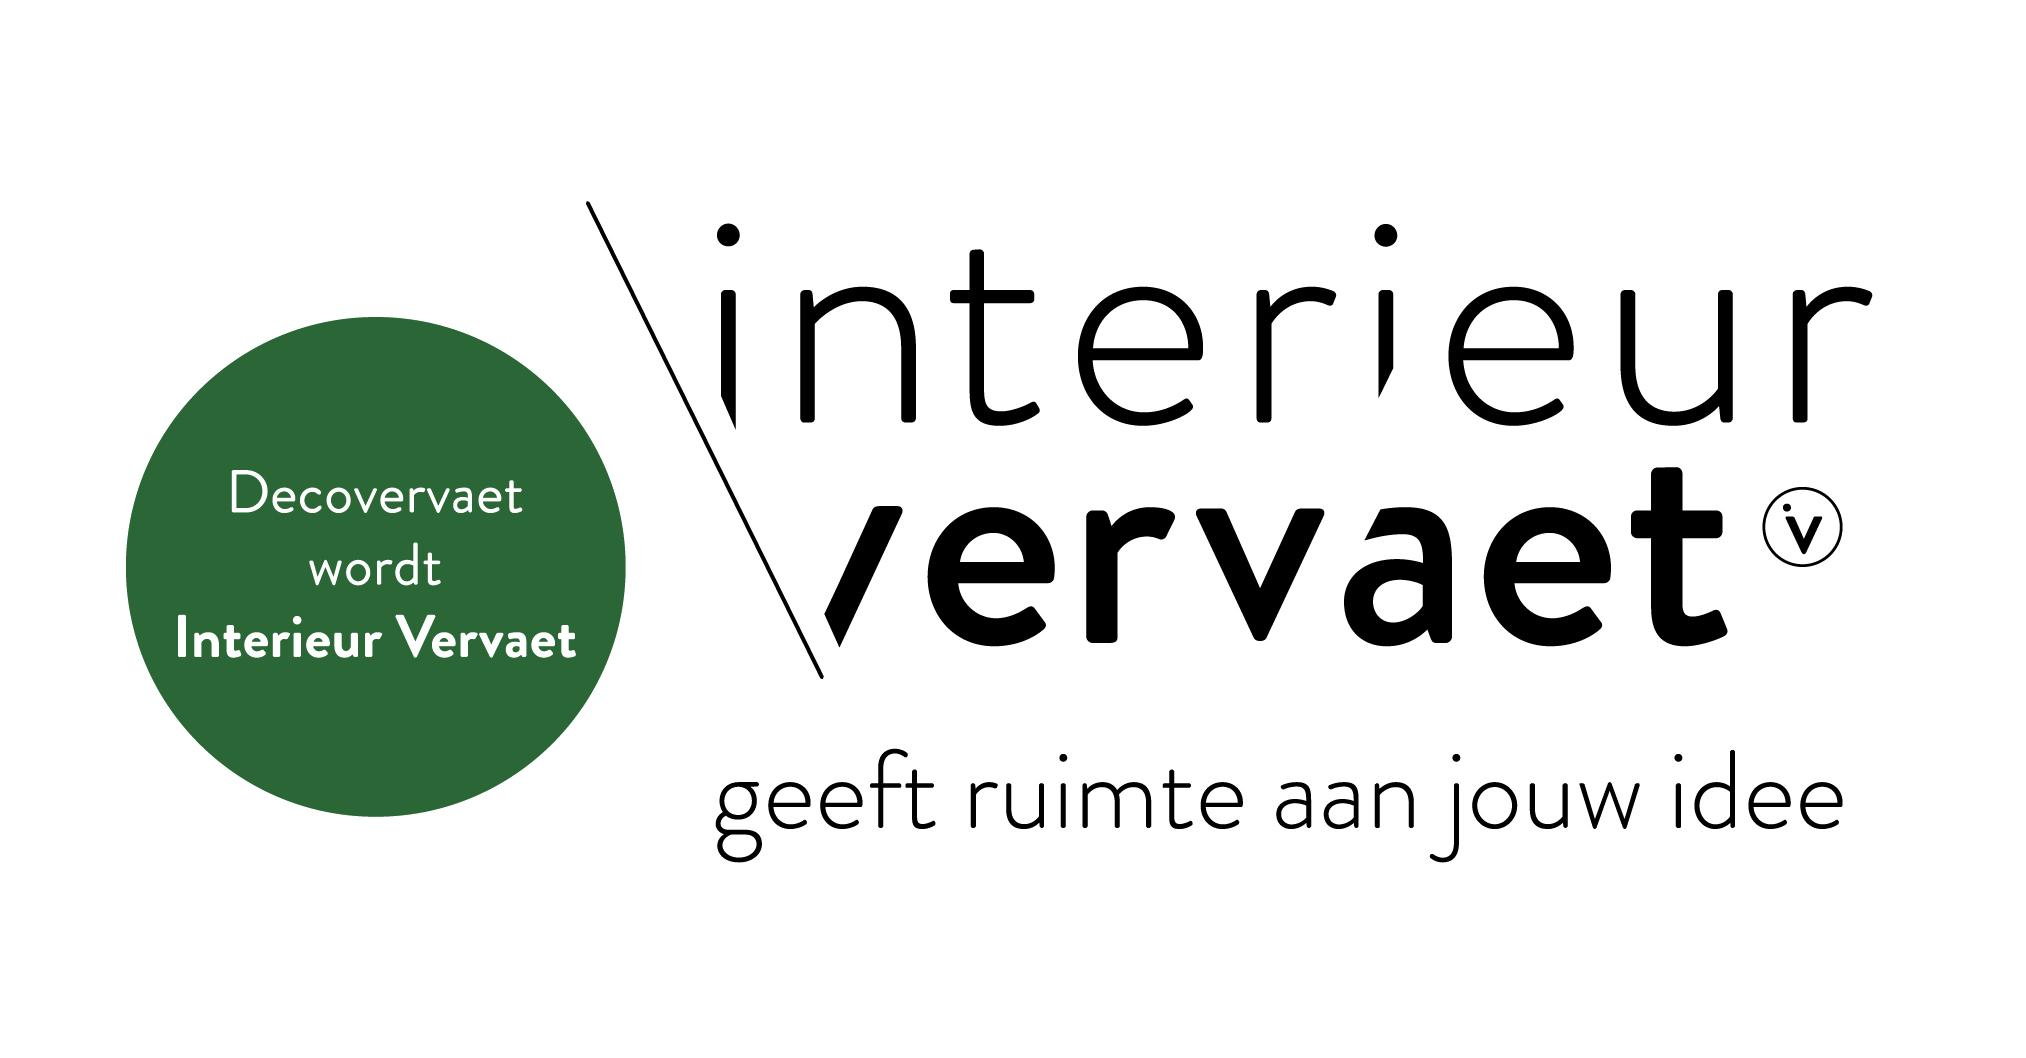 Logo-decoervaet-wordt-interieurvervaet (002).jpg